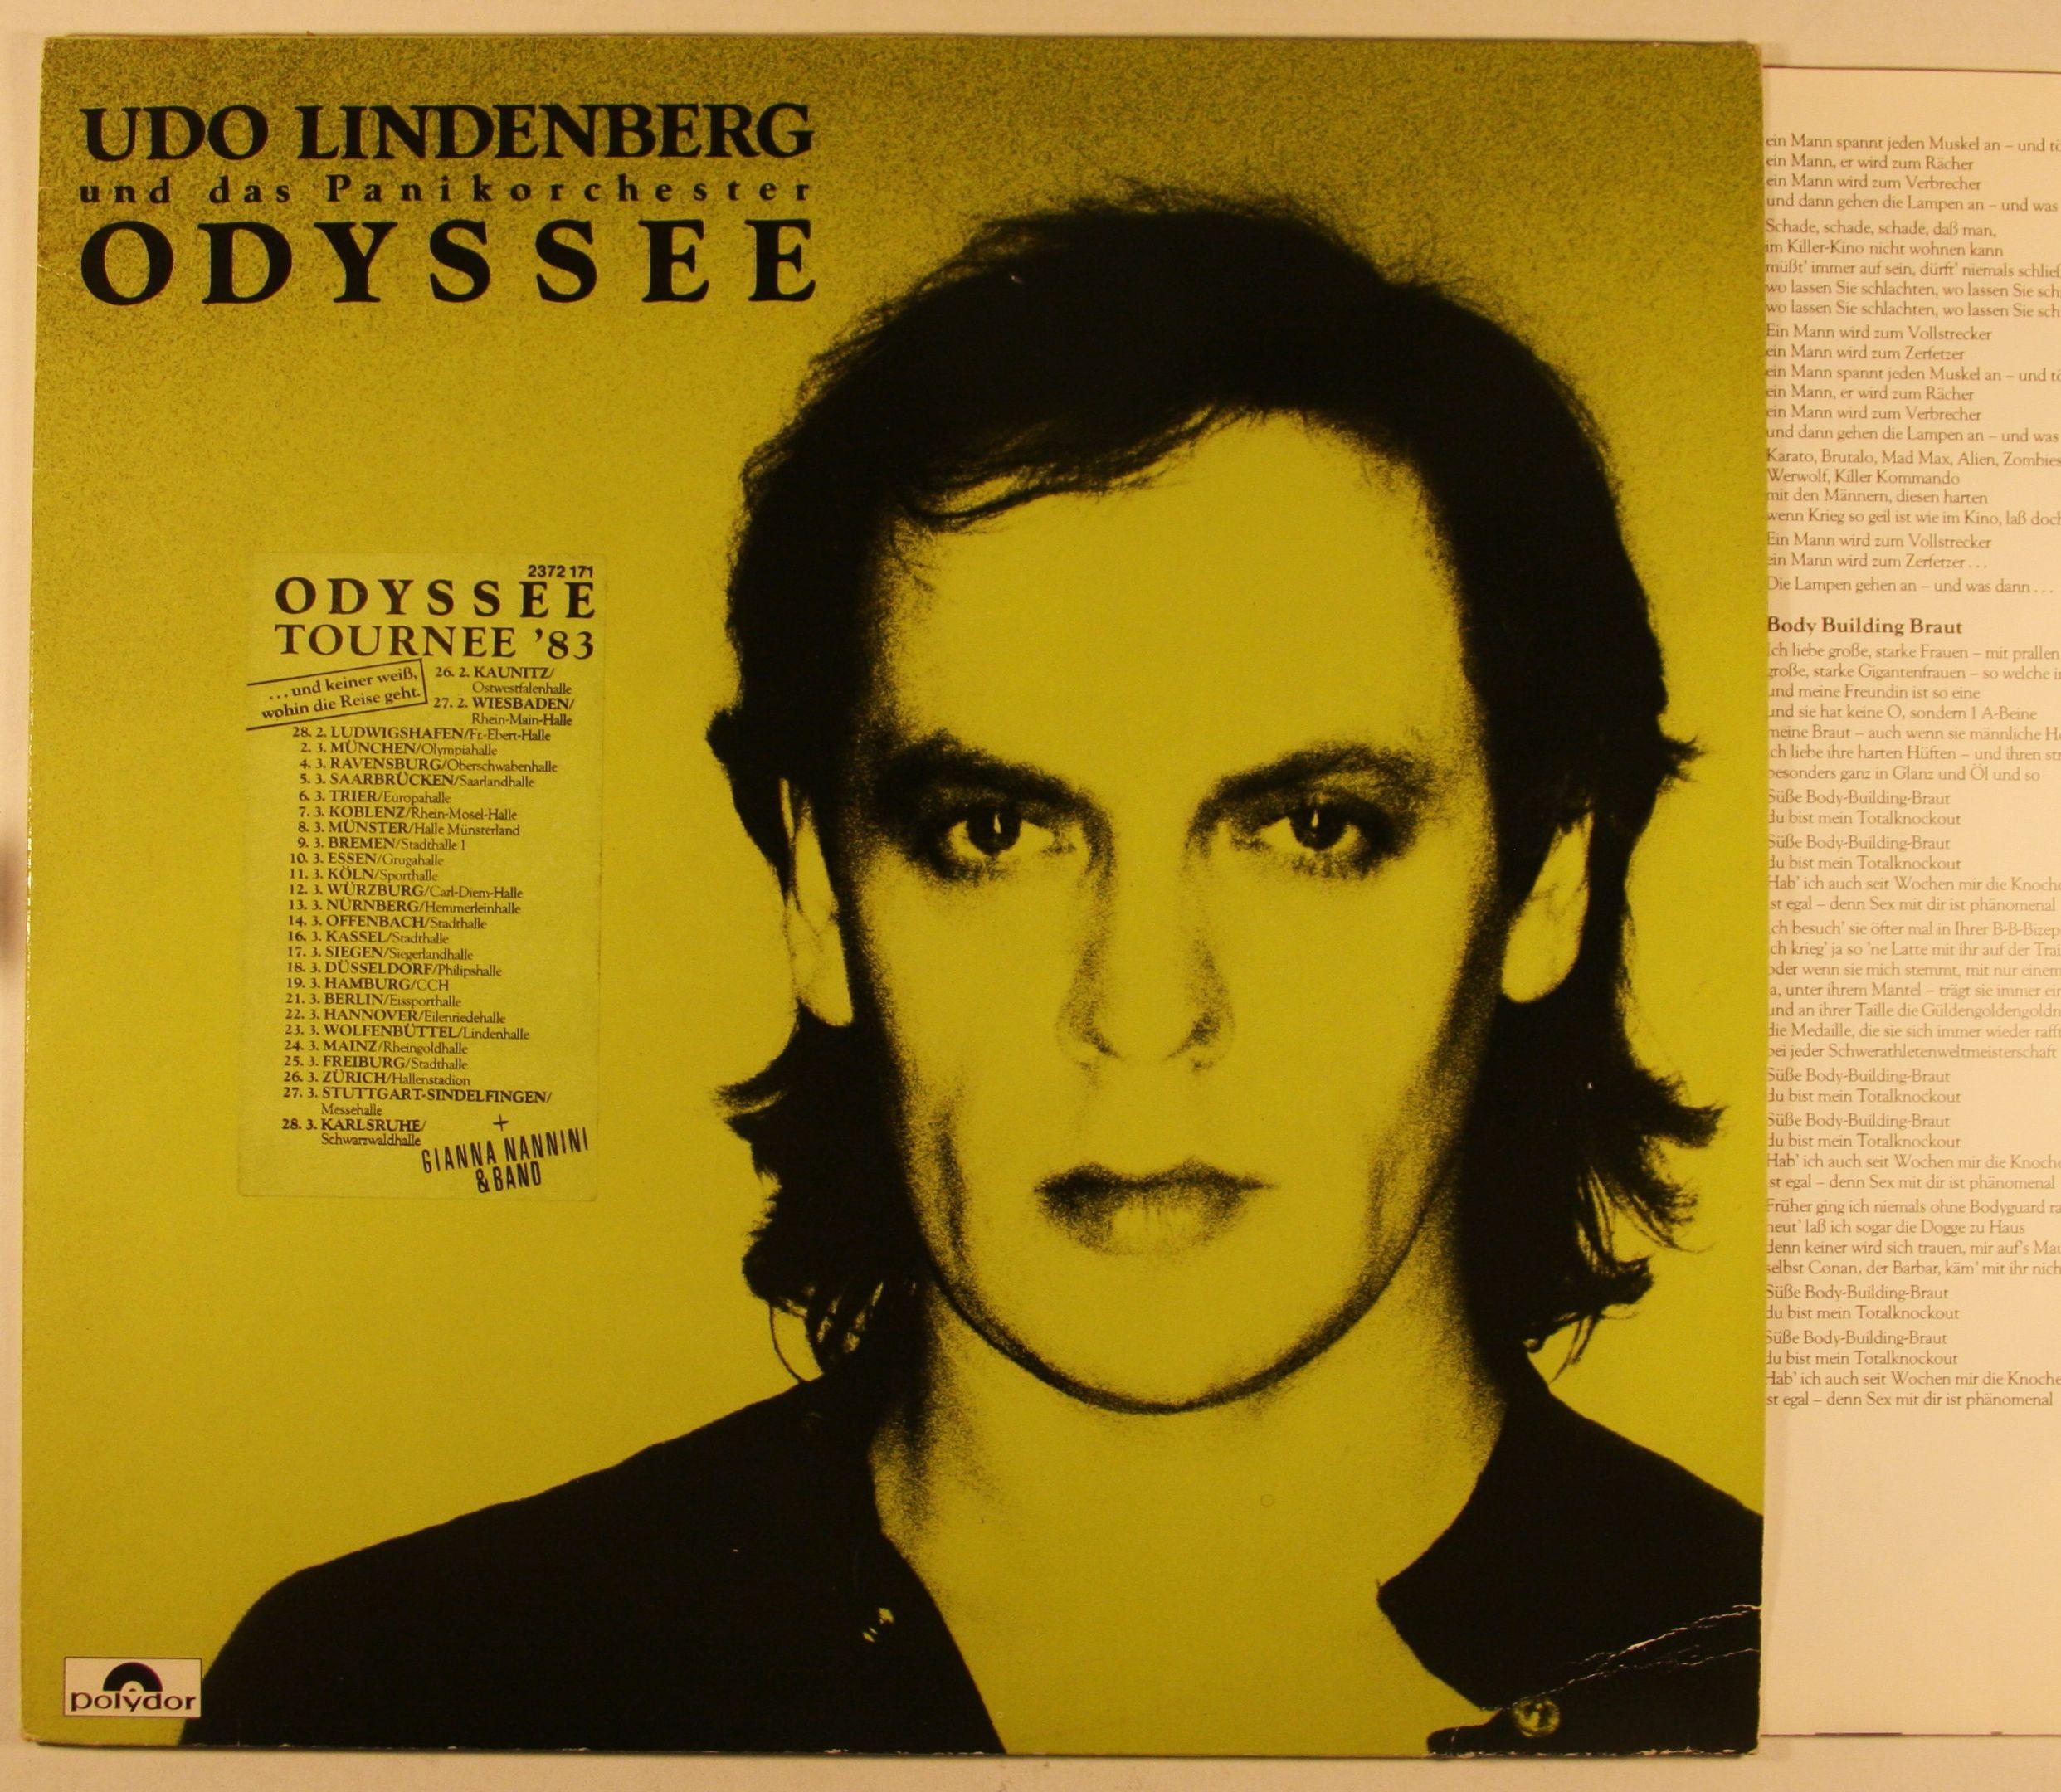 Udo lindenberg single discography Discographie officielle de Udo Lindenberg à écouter et regarder gratuitement